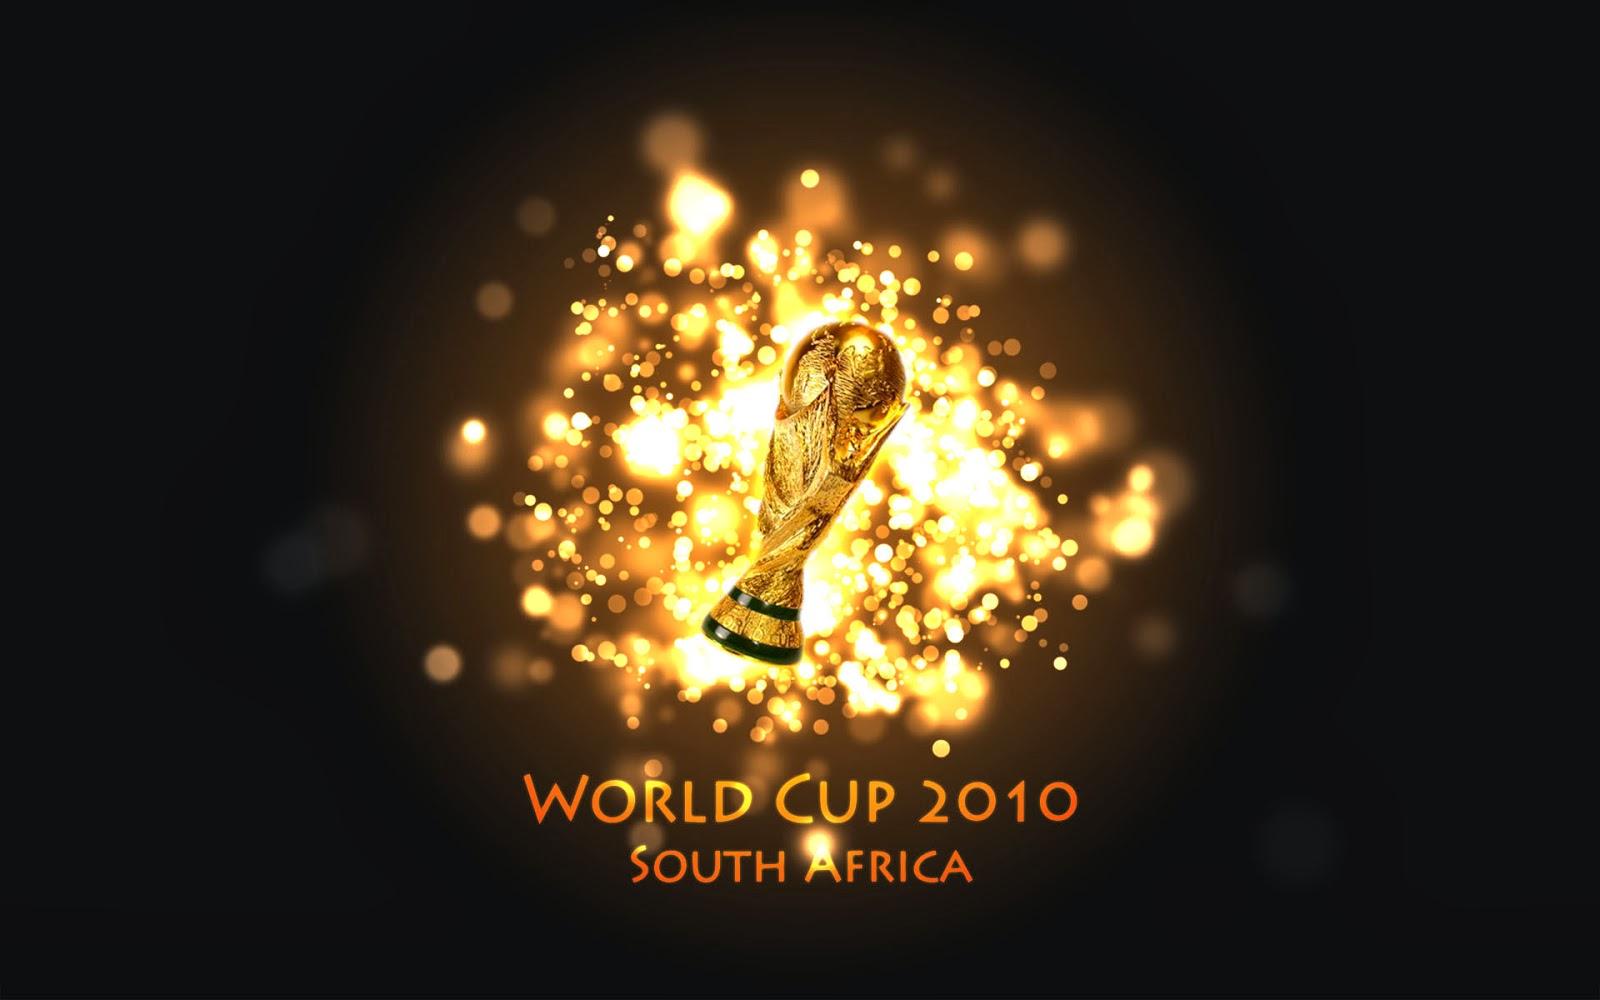 Fond Ecran Coupe du monde 2010